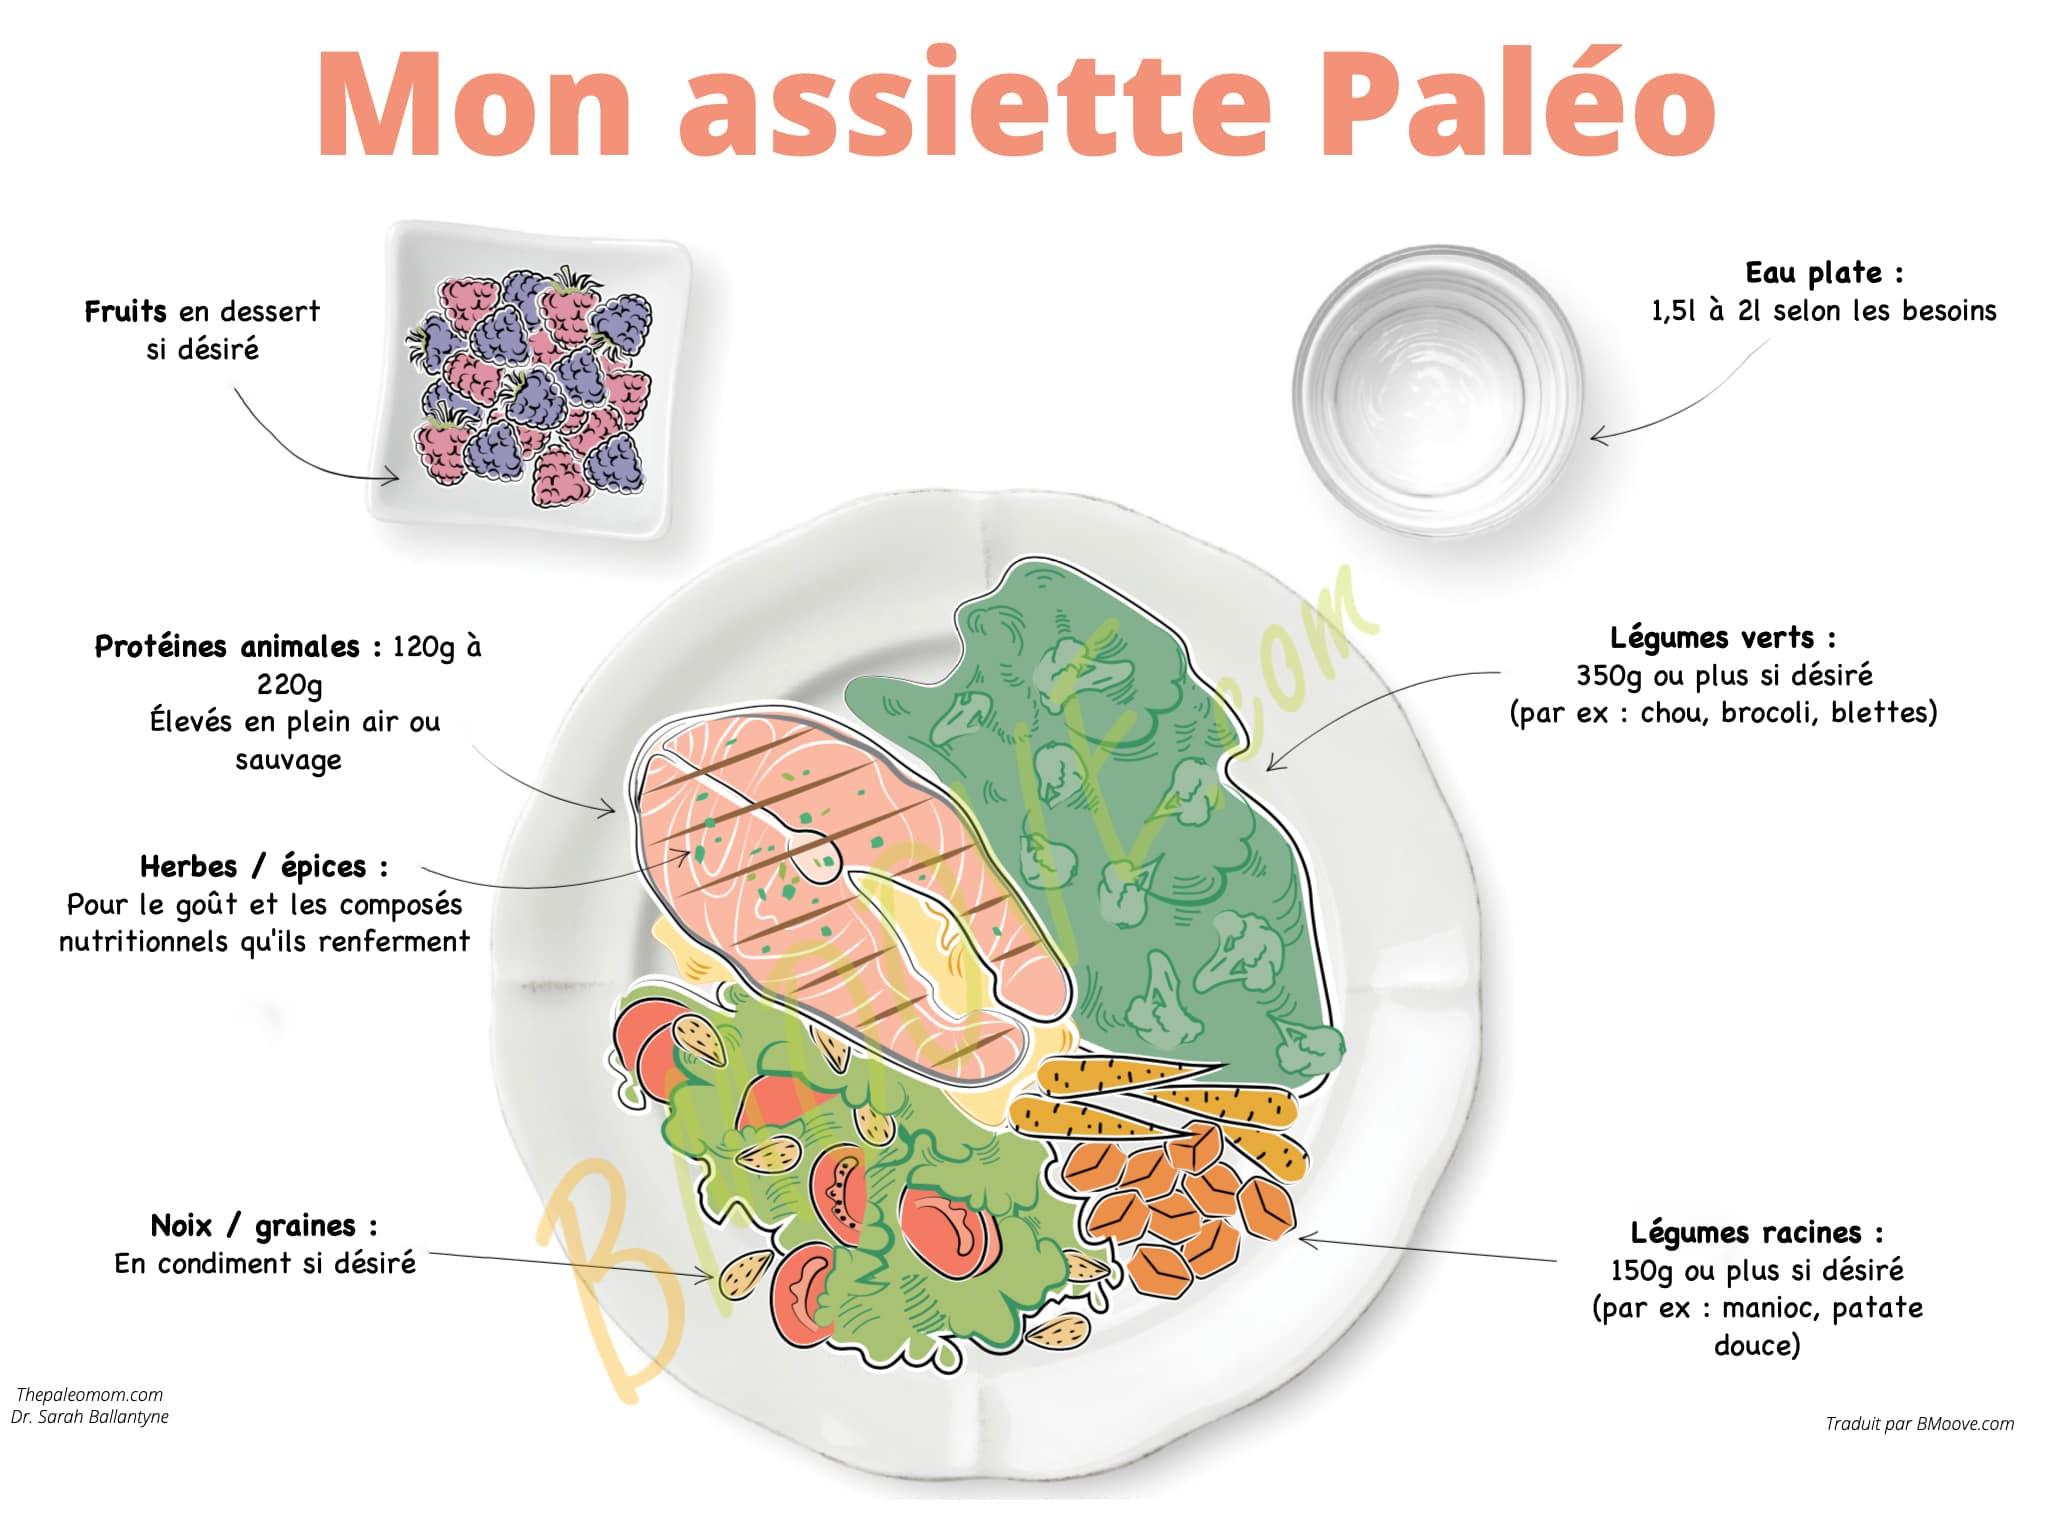 exemple d'assiette paléo avec poids des aliments